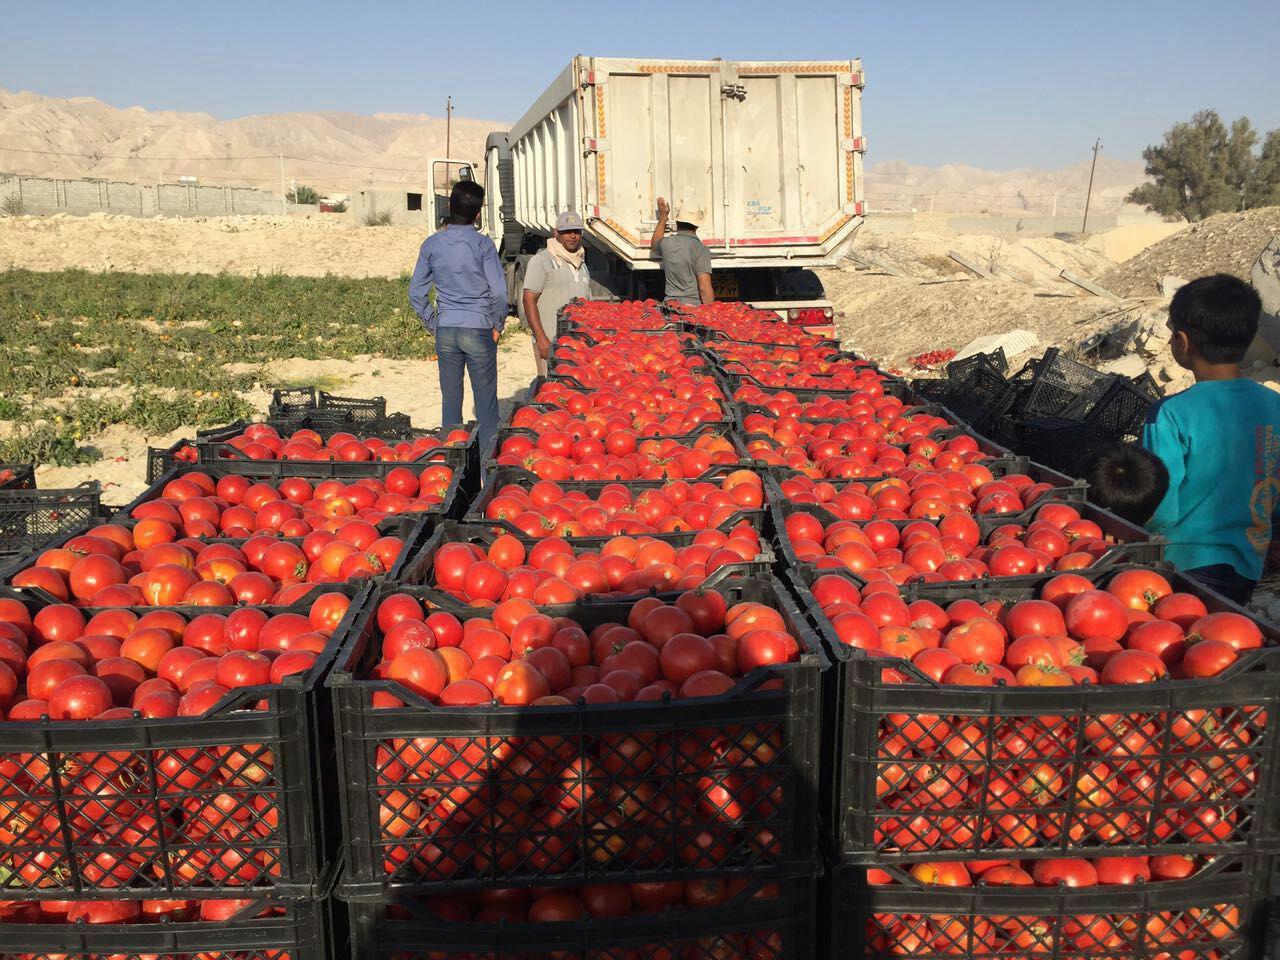 داغی بازار شغل های فصلی در پاییز/ چاشنی های که به سفره ها رنگ و لعاب می دهند